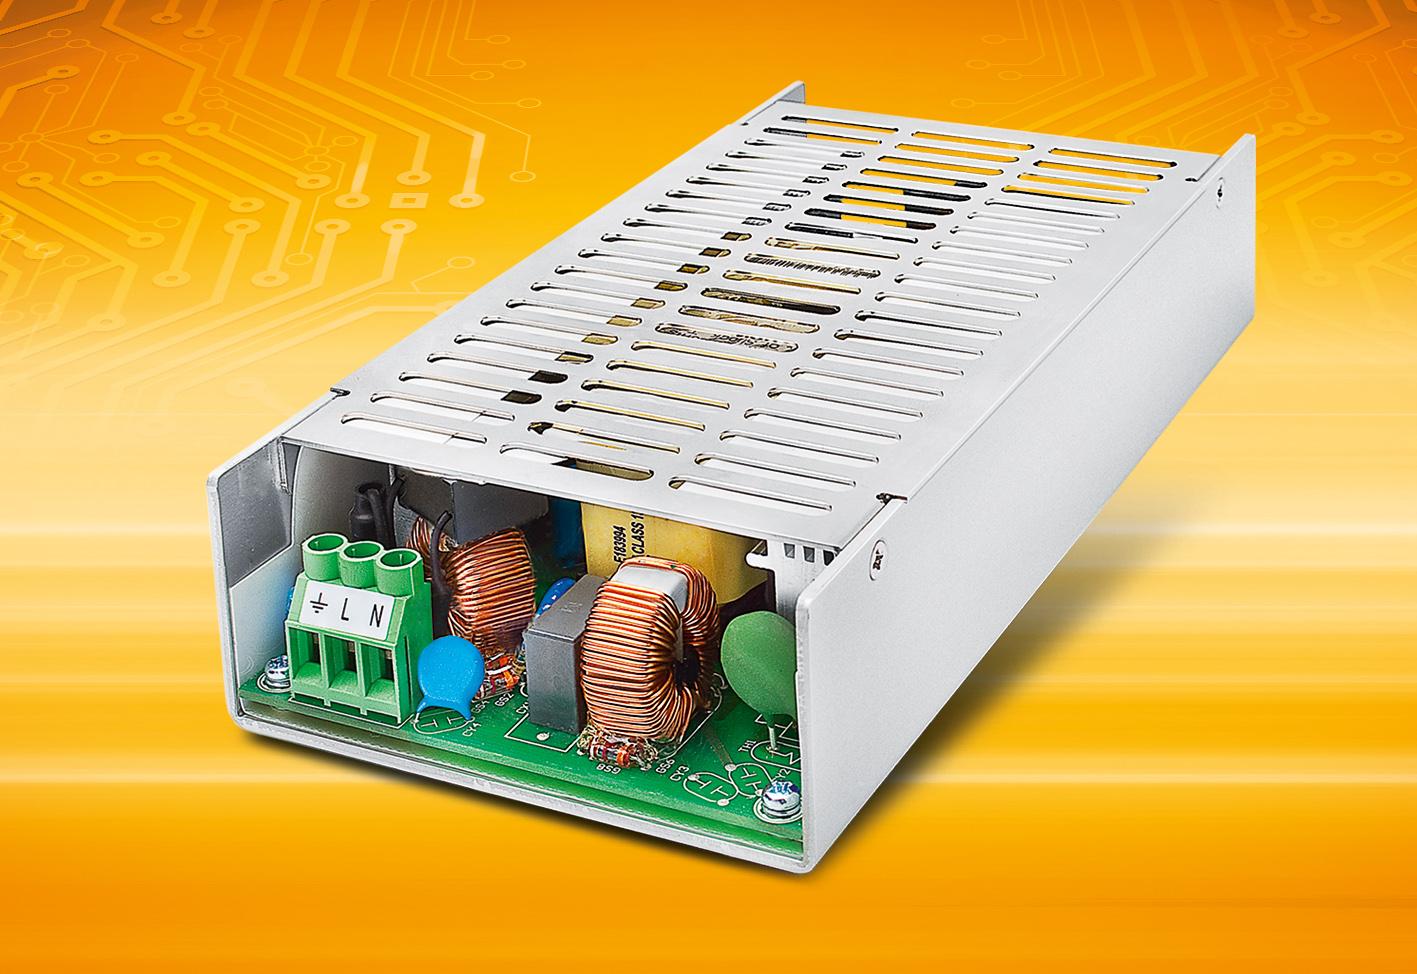 IPC-Netzteil bietet 4kV-Surge-Überspannungsschutz